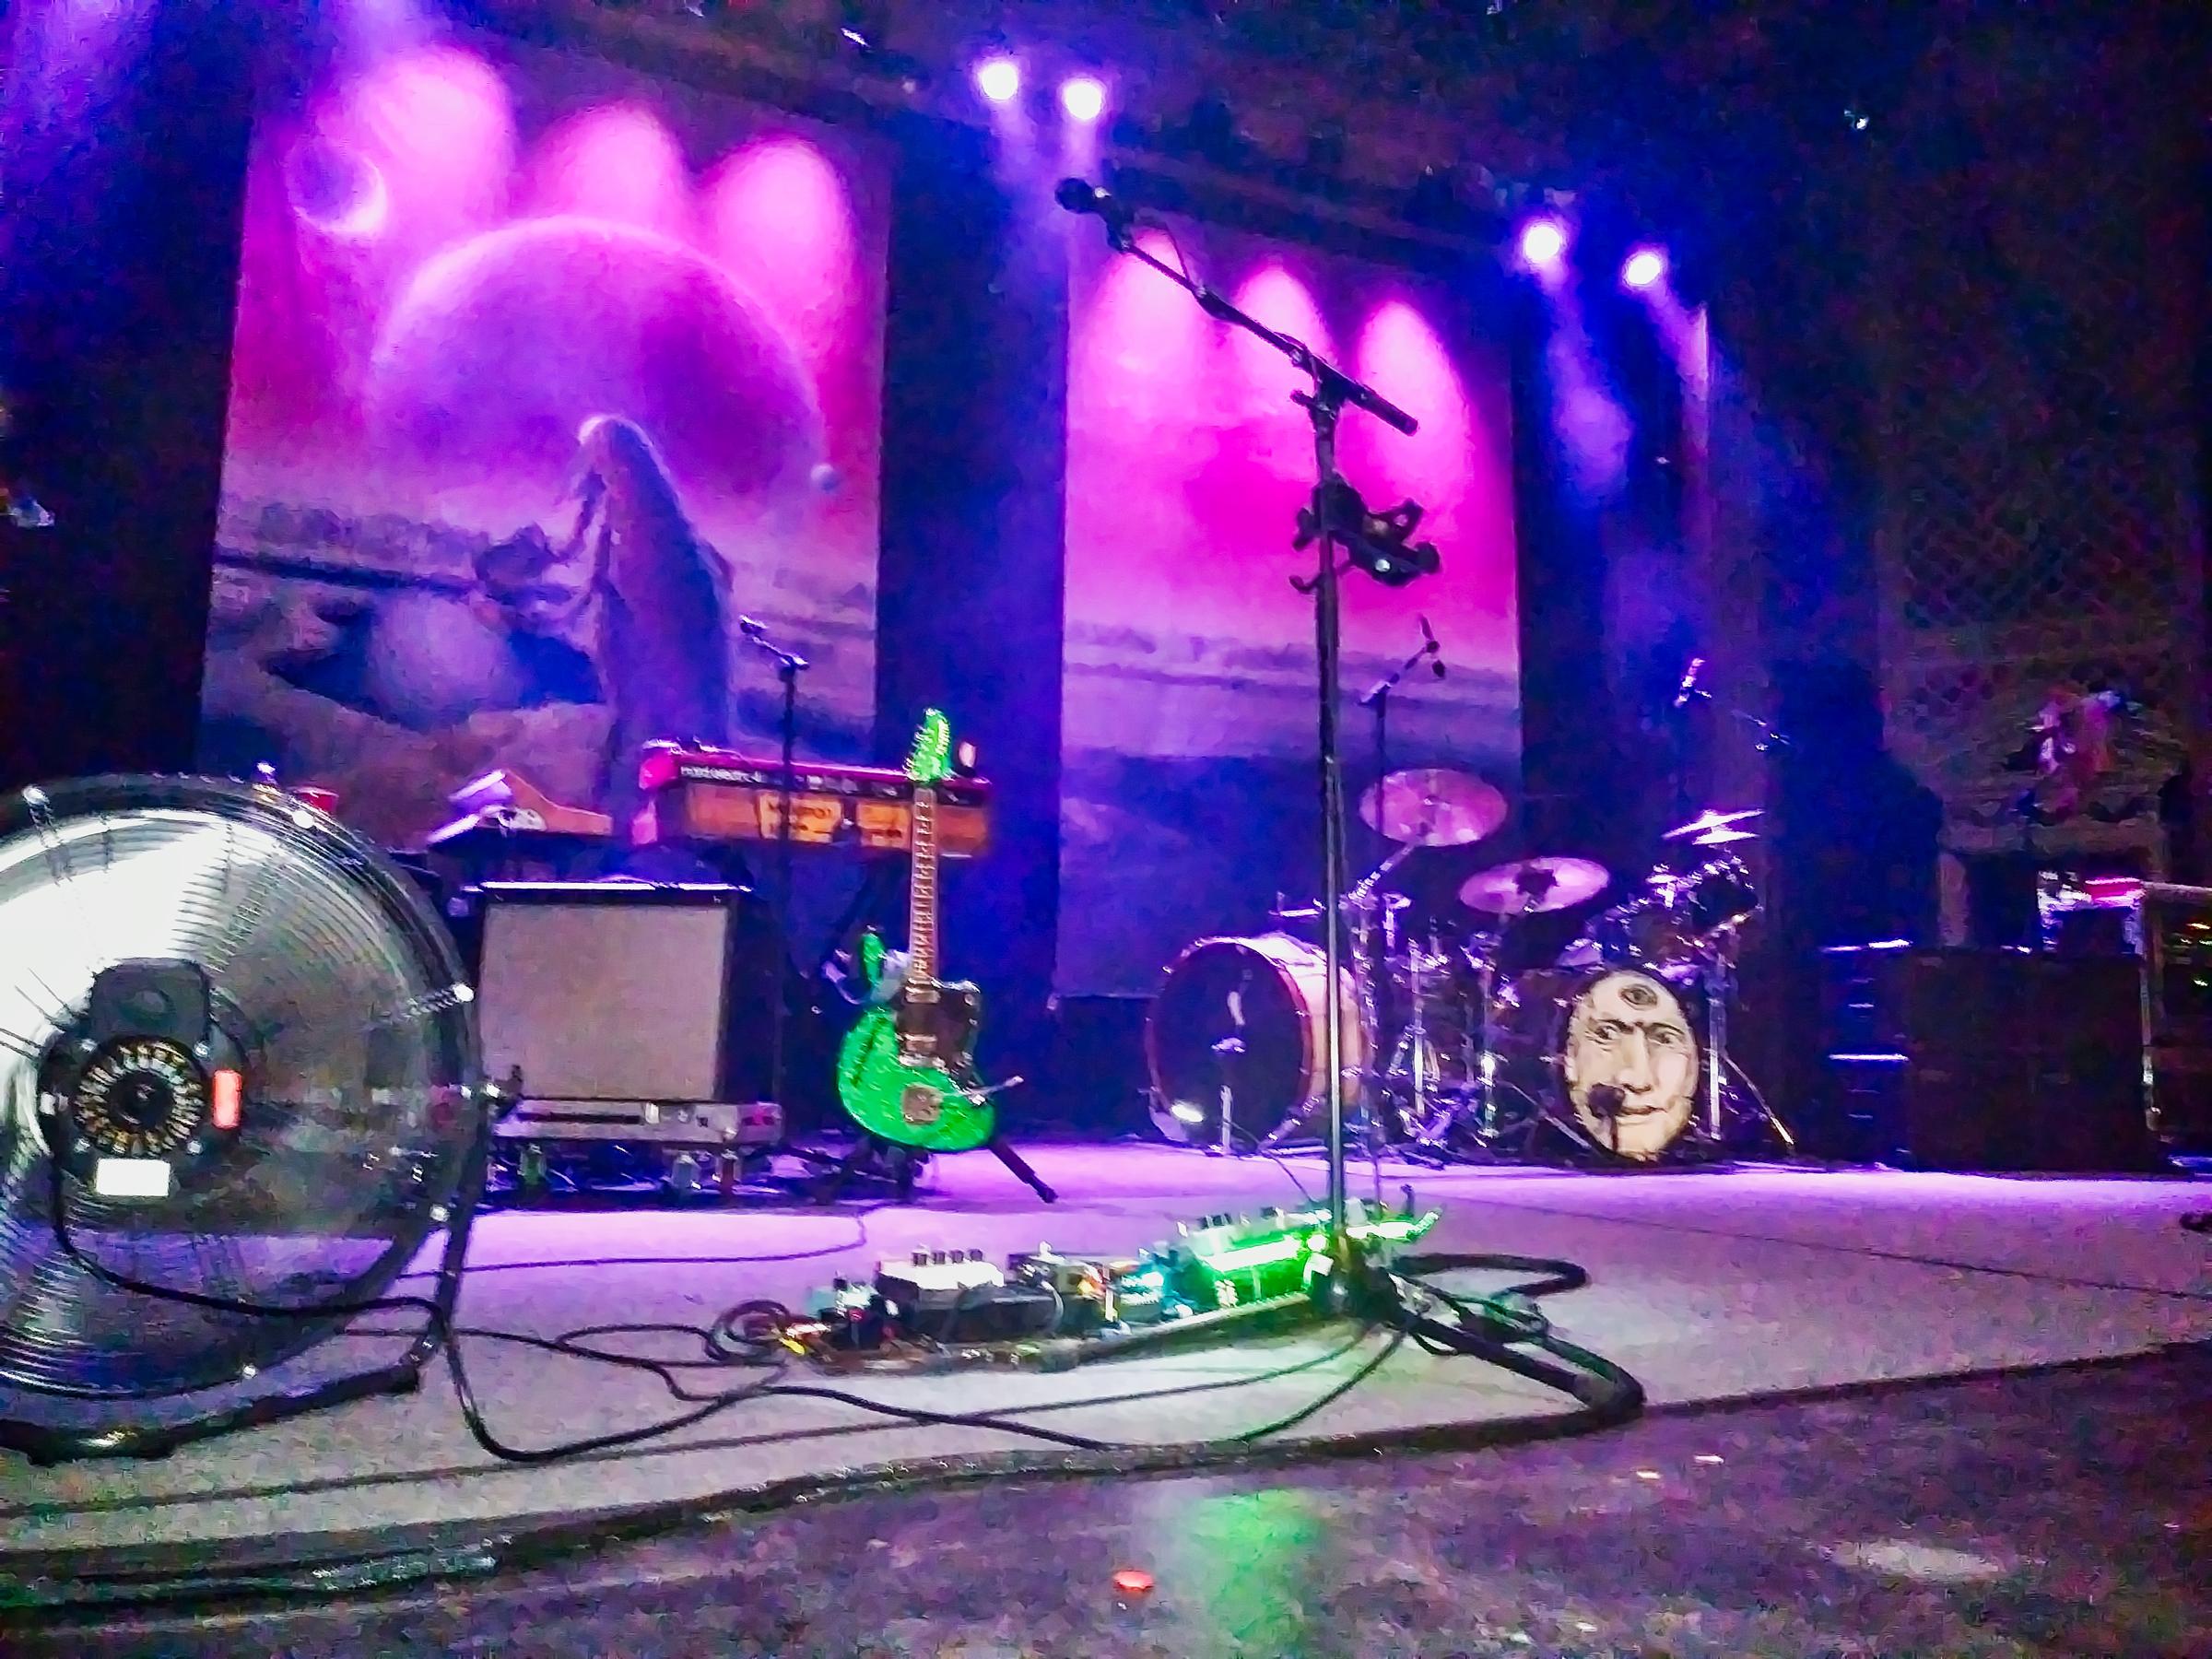 The Delirium's stage